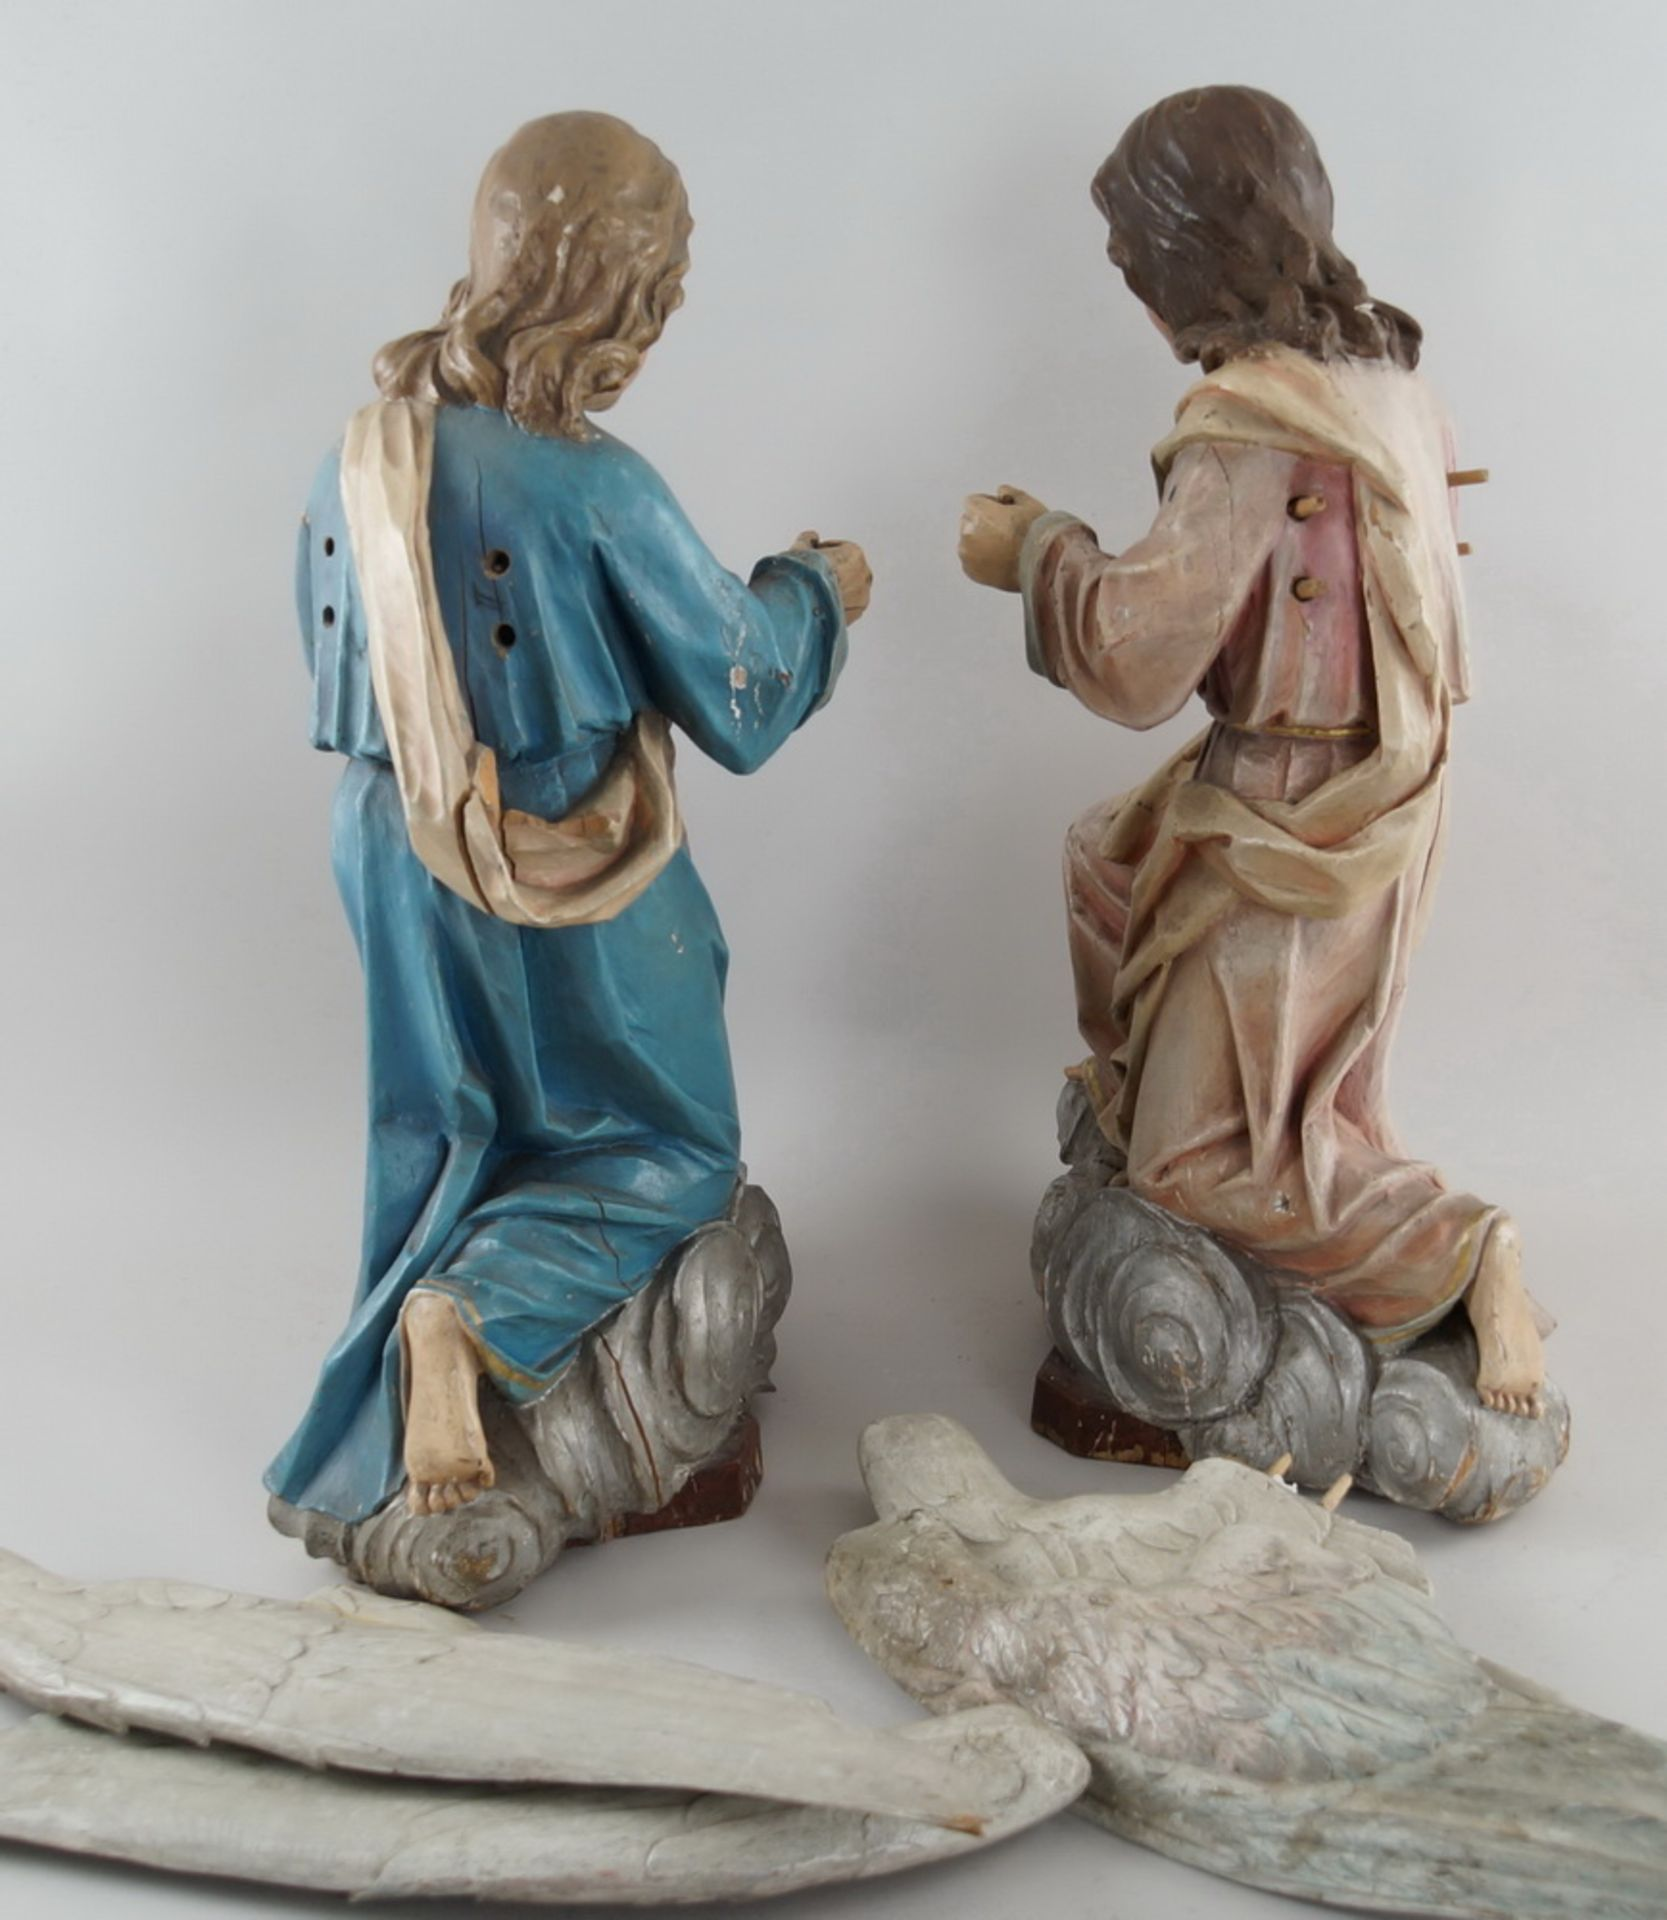 Zwei kniende Engel mit Flügel, 18. JH, Holz geschnitzt und gefasst, rest.-bed., H je 73cm - Bild 14 aus 15